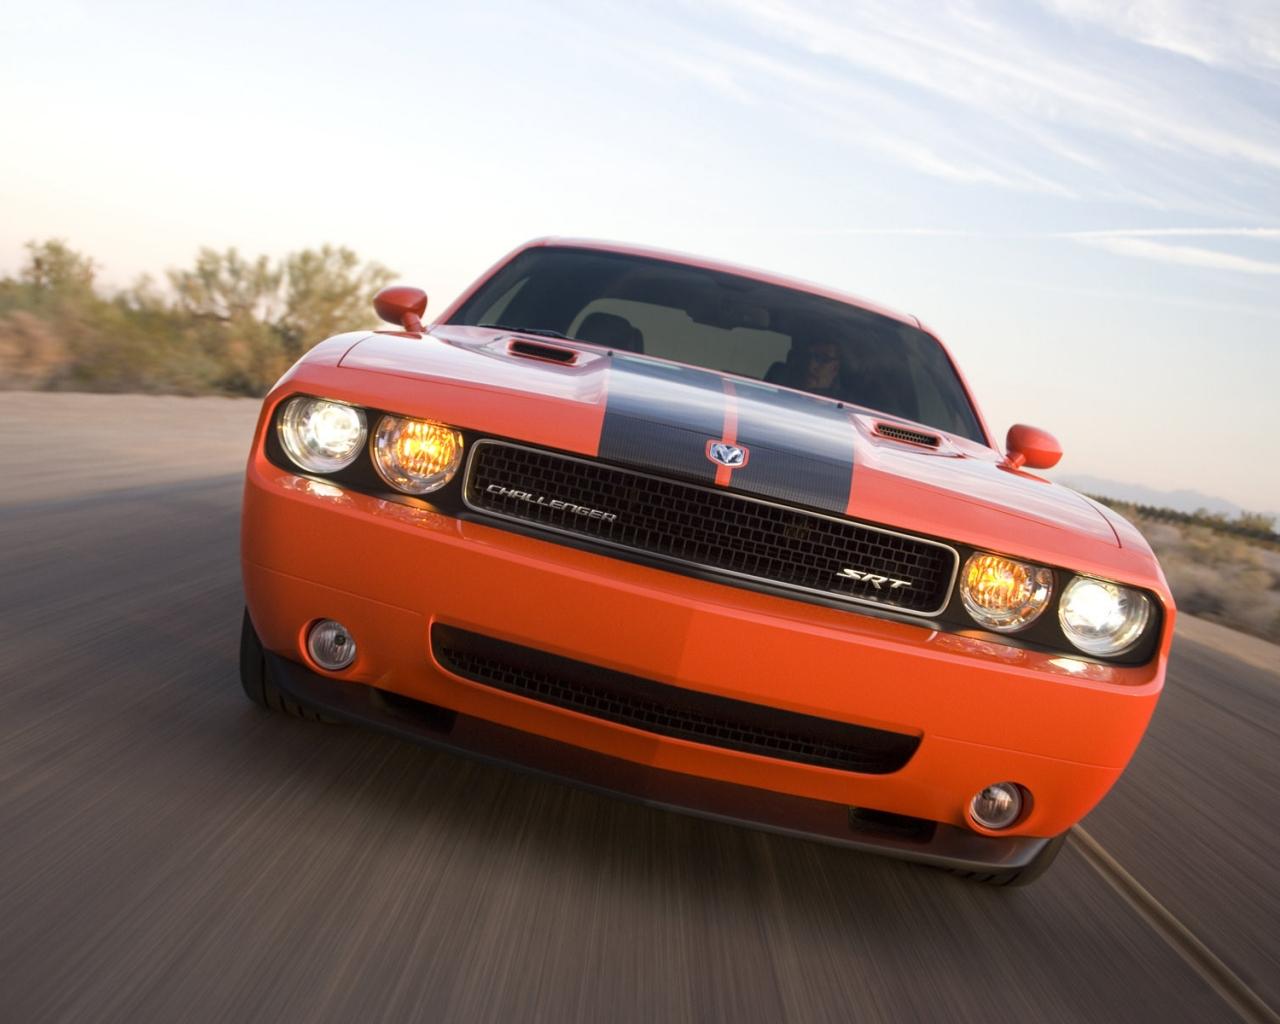 Dodge Challenger SRT 8 hd 1280x1024   imagenes   wallpapers gratis 1280x1024